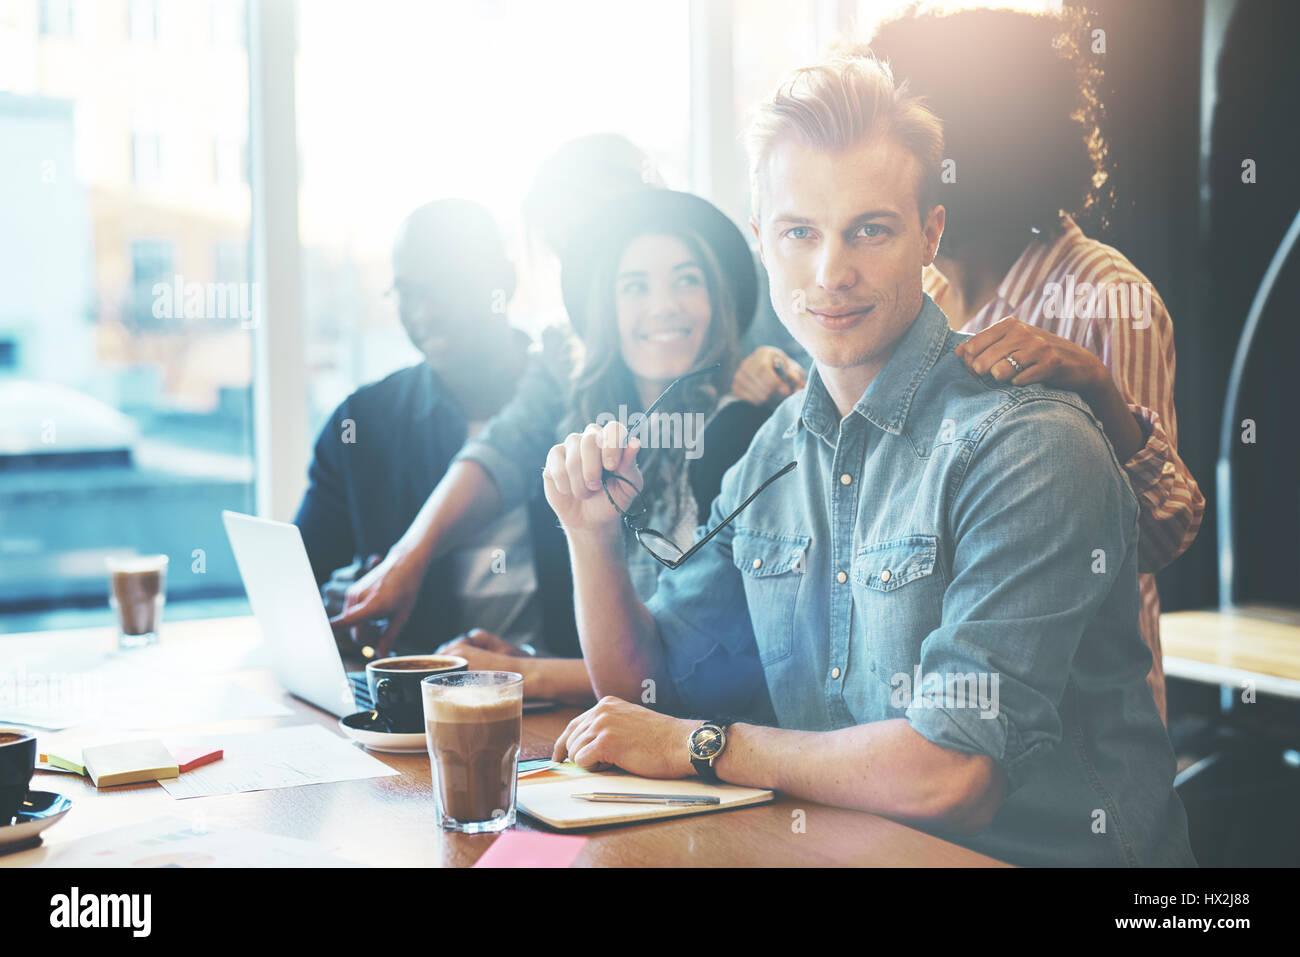 Calma empresario en ropa informal en la oficina con los compañeros de trabajo. Ventana luminosa en el fondo. Imagen De Stock